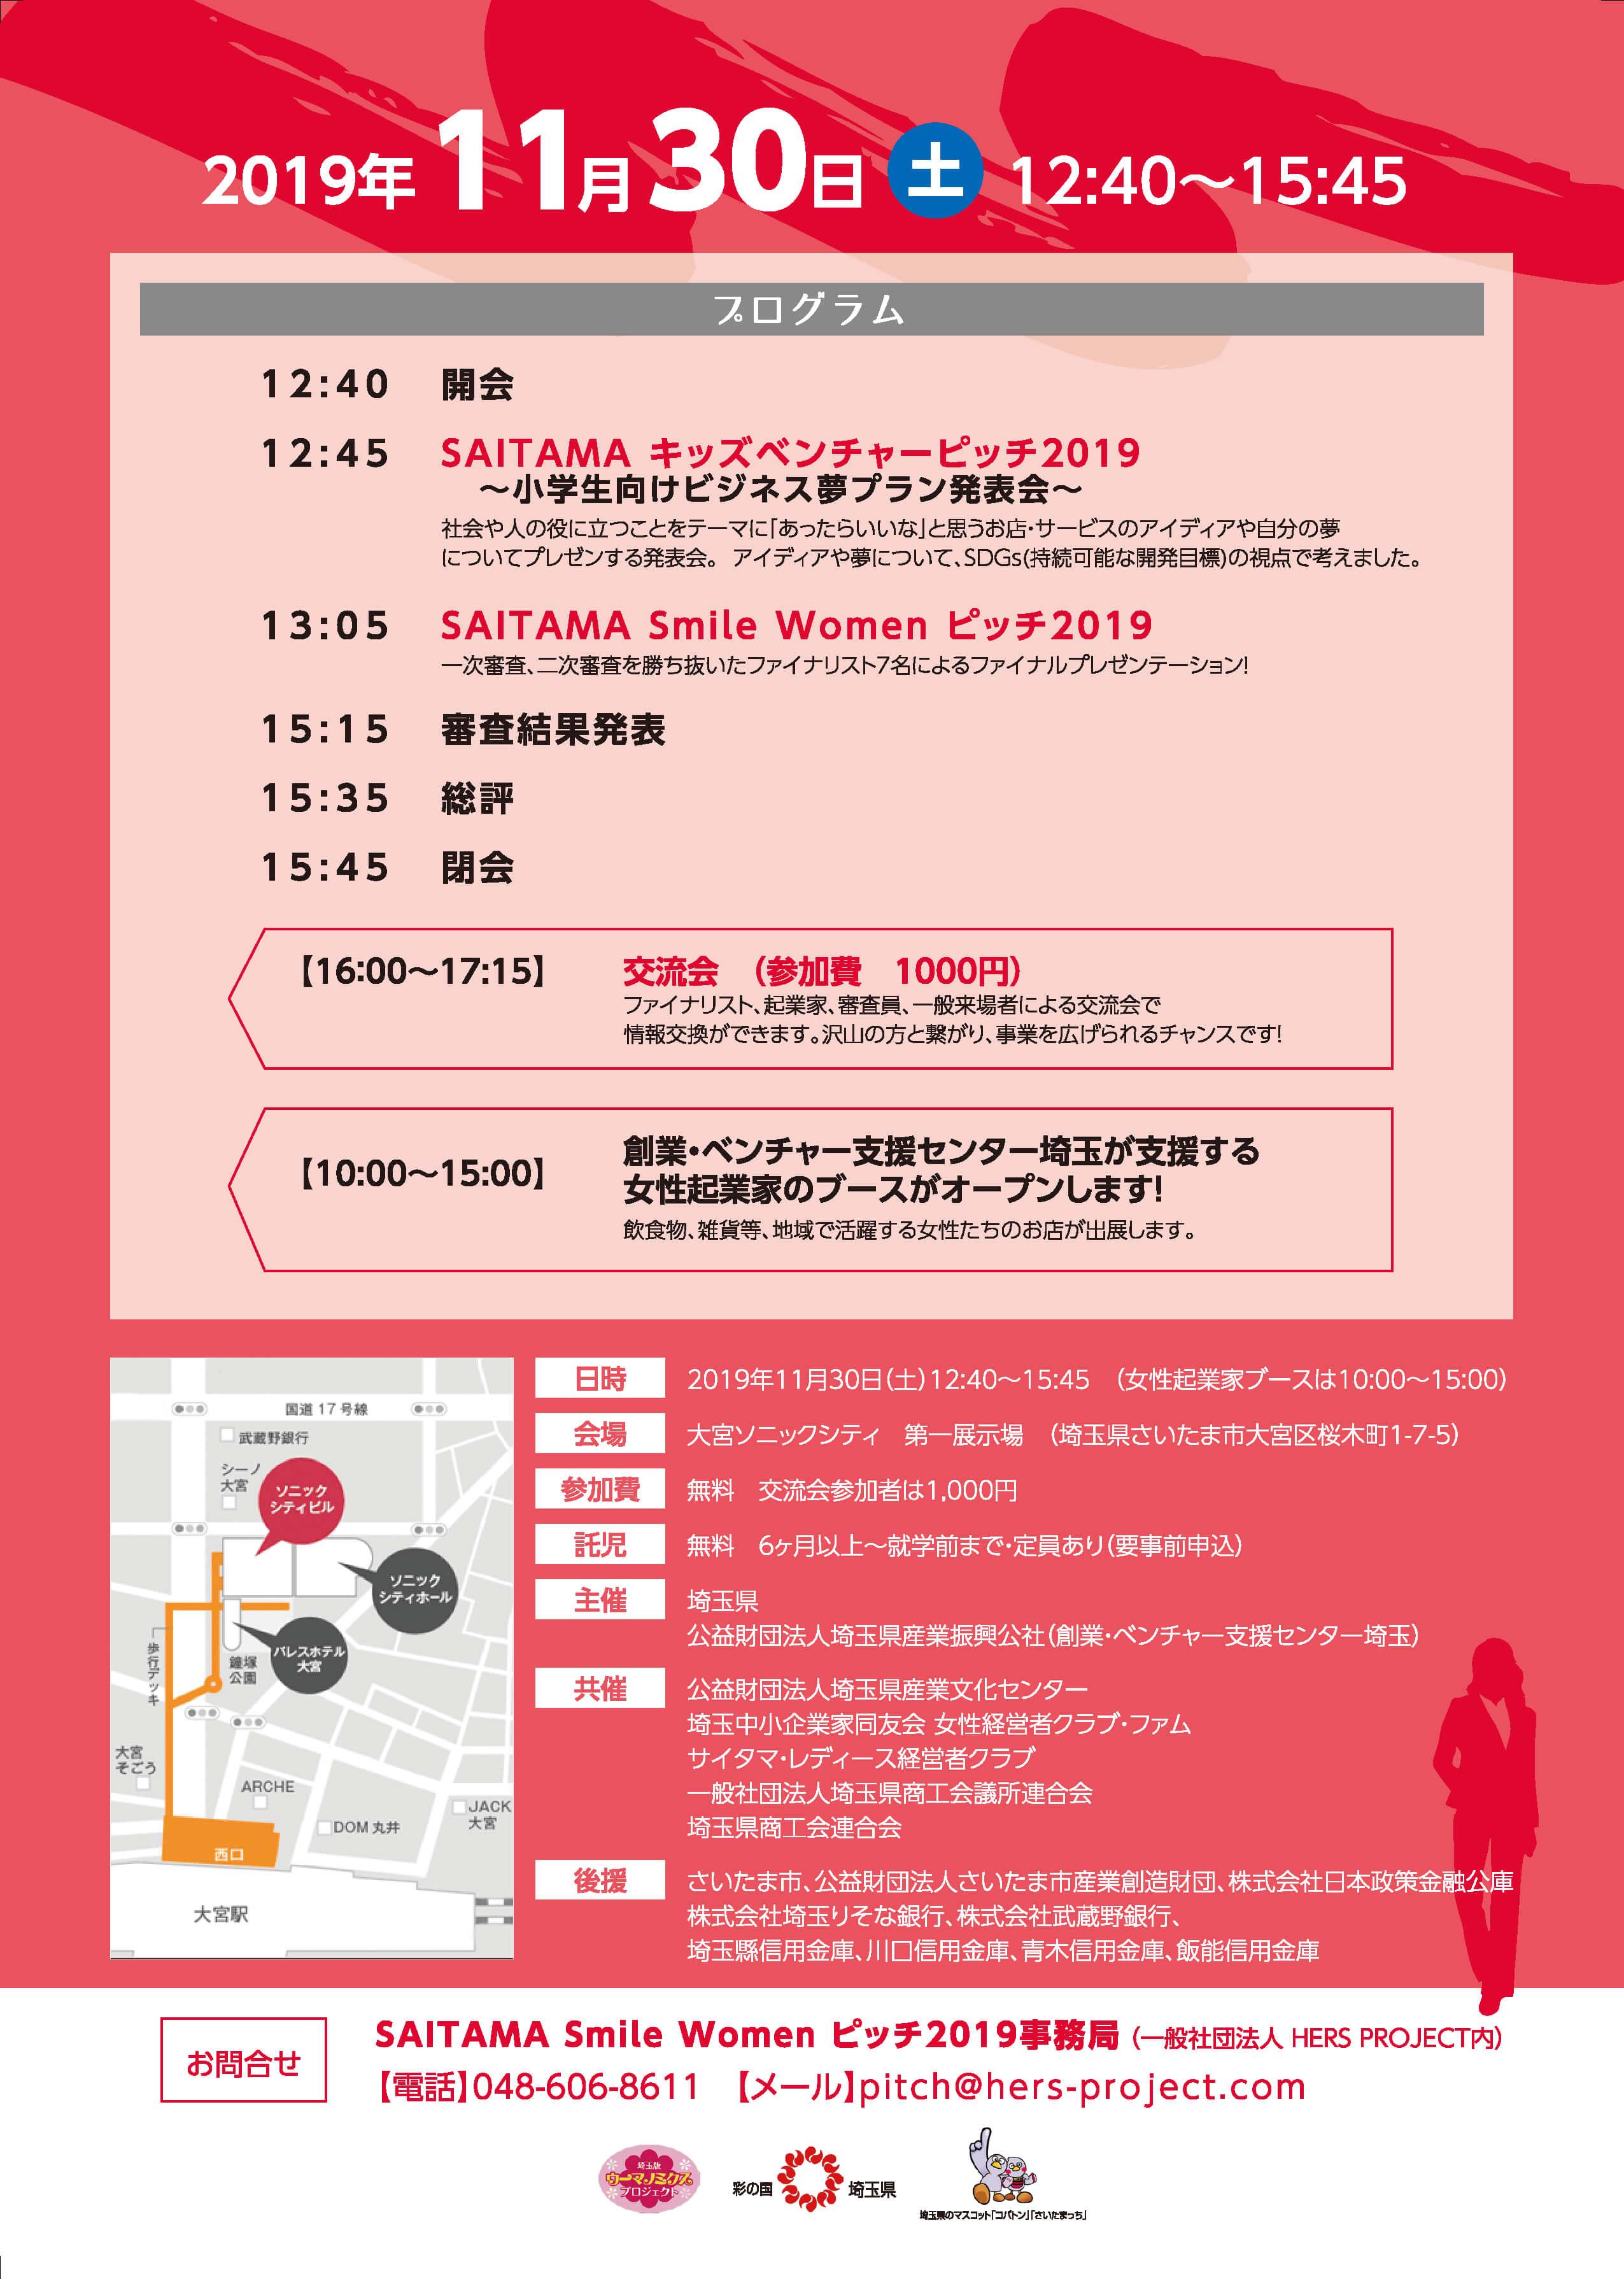 SAITAMA Smile Women ピッチ2019 ファイナルイベント(最終審査)